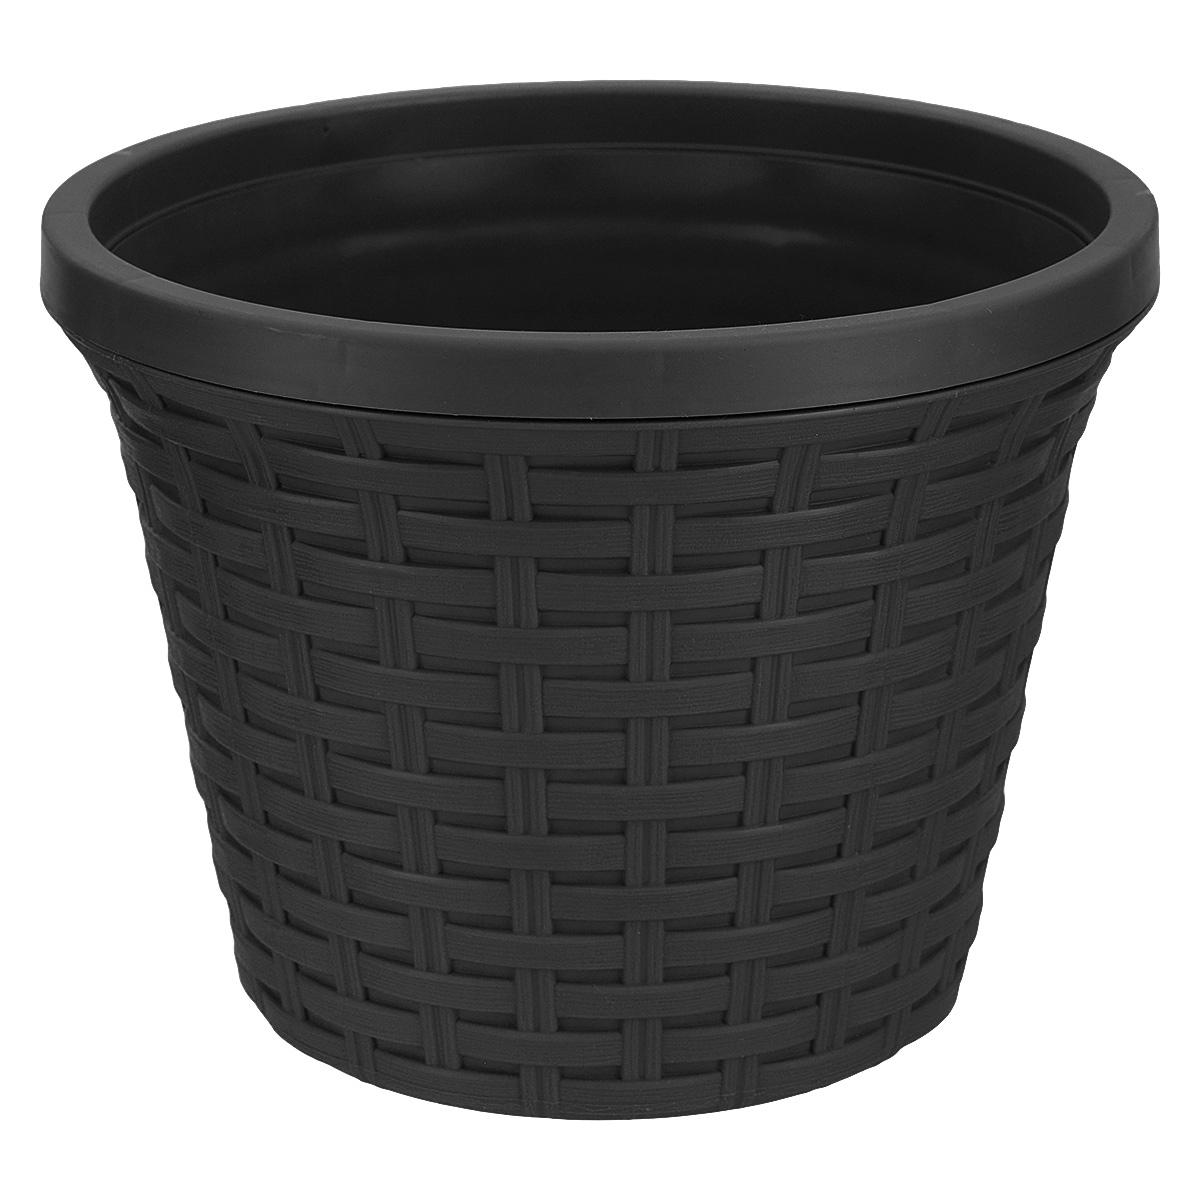 Кашпо круглое Violet Ротанг, с дренажной системой, цвет: черный, 3,4 л32340/7Круглое кашпо Violet Ротанг изготовлено из высококачественного пластика и оснащено дренажной системой для быстрого отведения избытка воды при поливе. Изделие прекрасно подходит для выращивания растений и цветов в домашних условиях. Лаконичный дизайн впишется в интерьер любого помещения.Объем: 3,4 л.